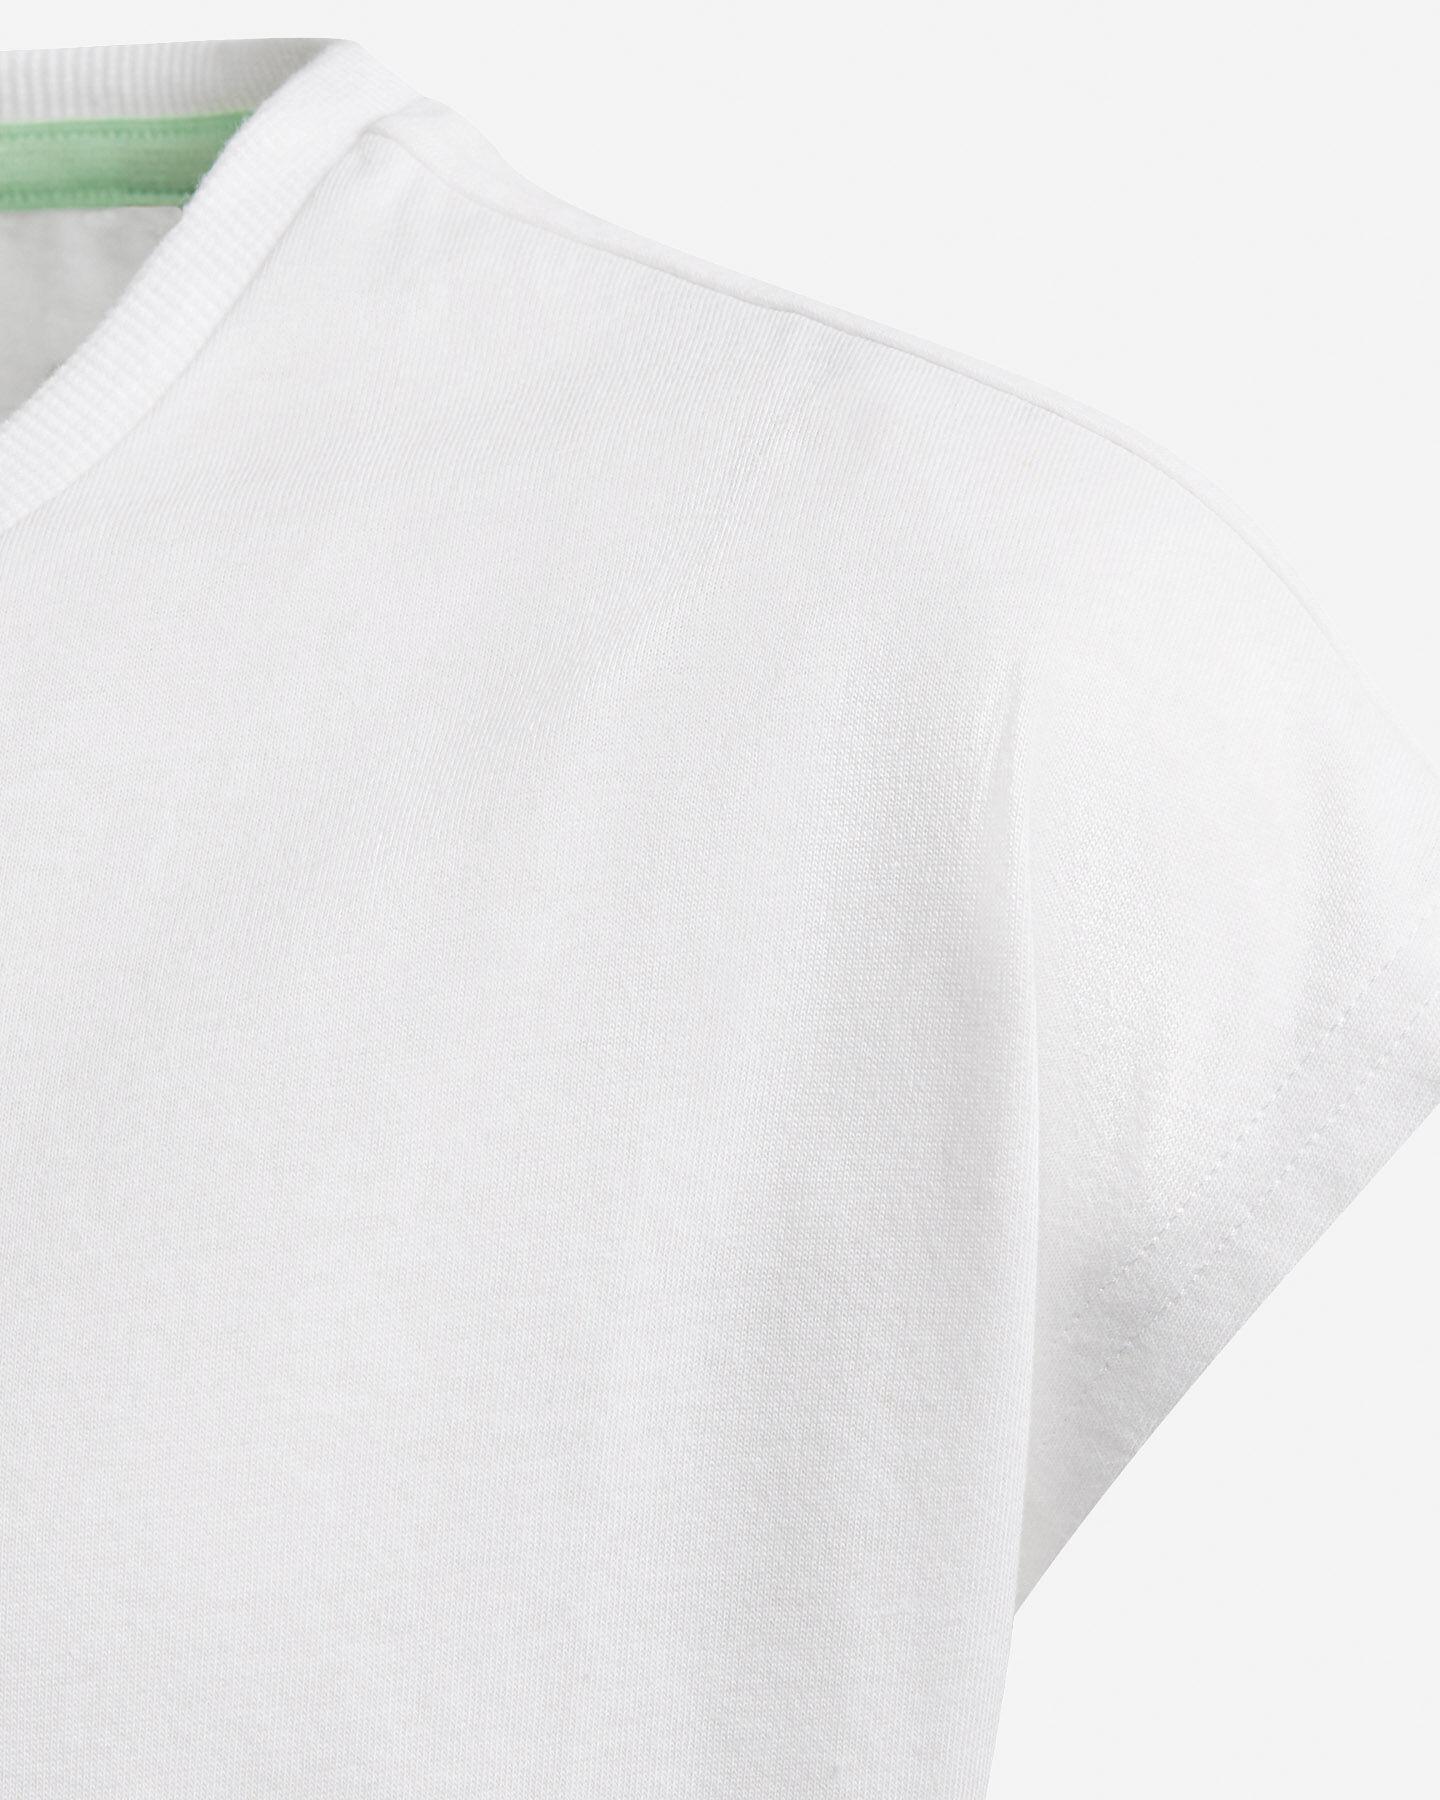 T-Shirt ADIDAS B-LOG JR S5212153 scatto 4